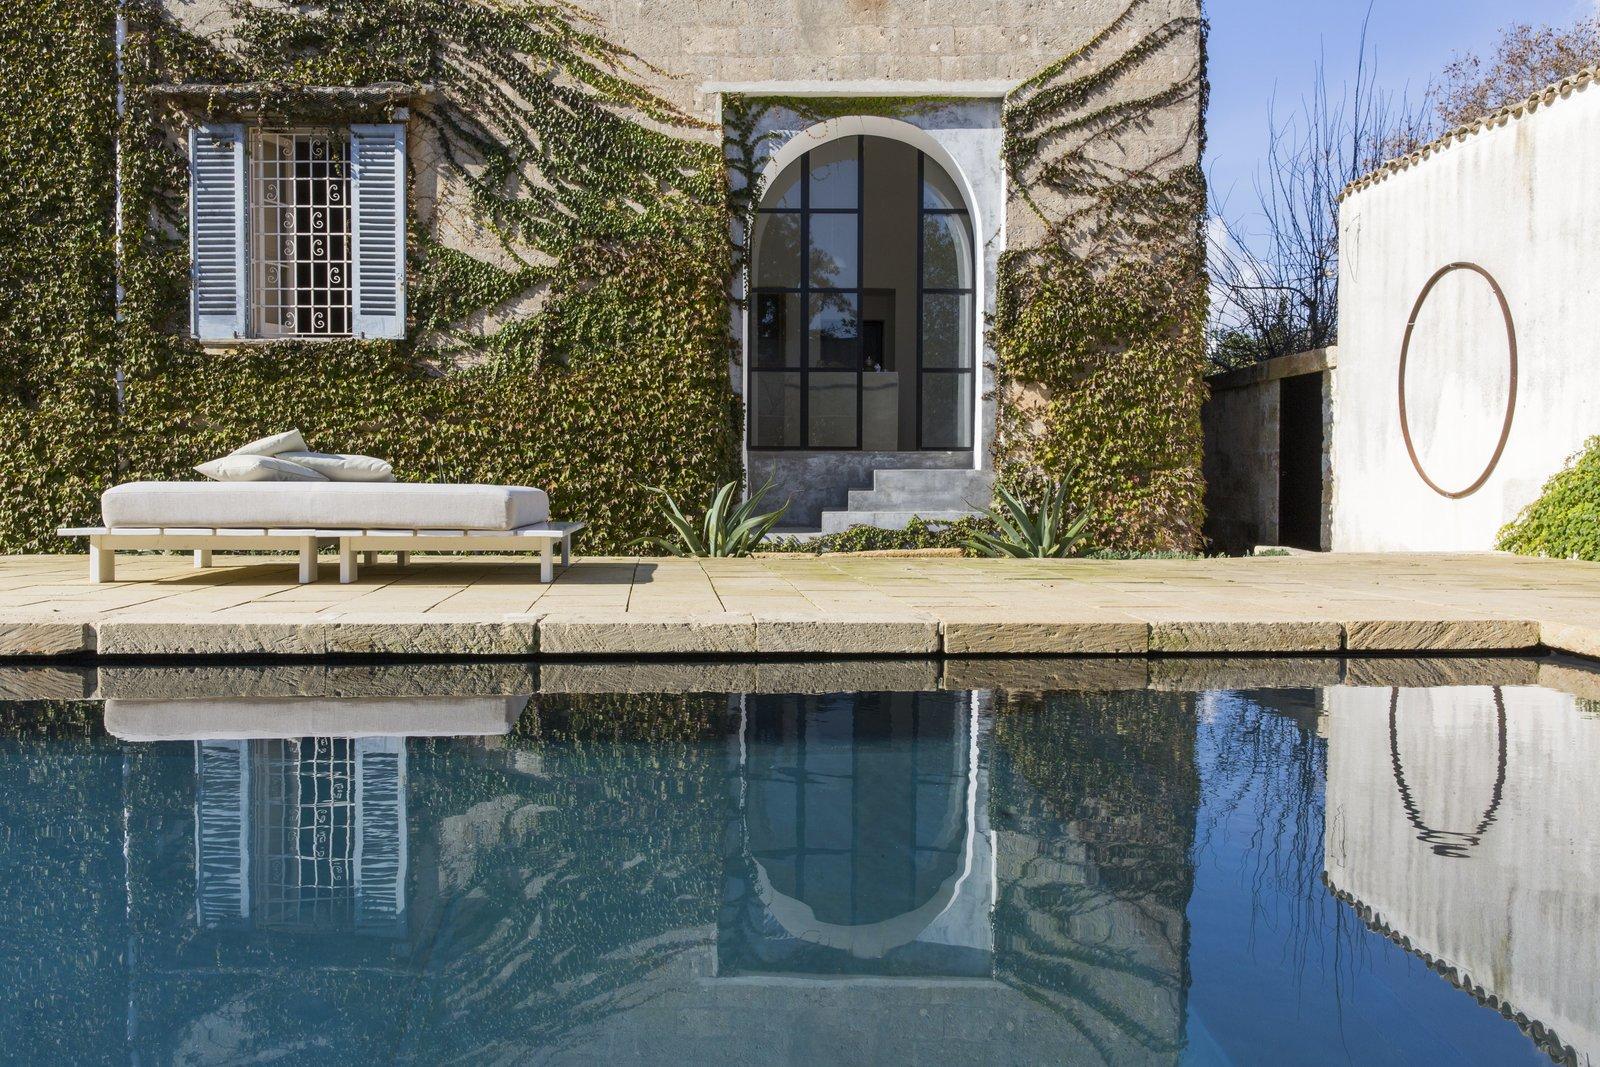 Palazzo Daniele pool